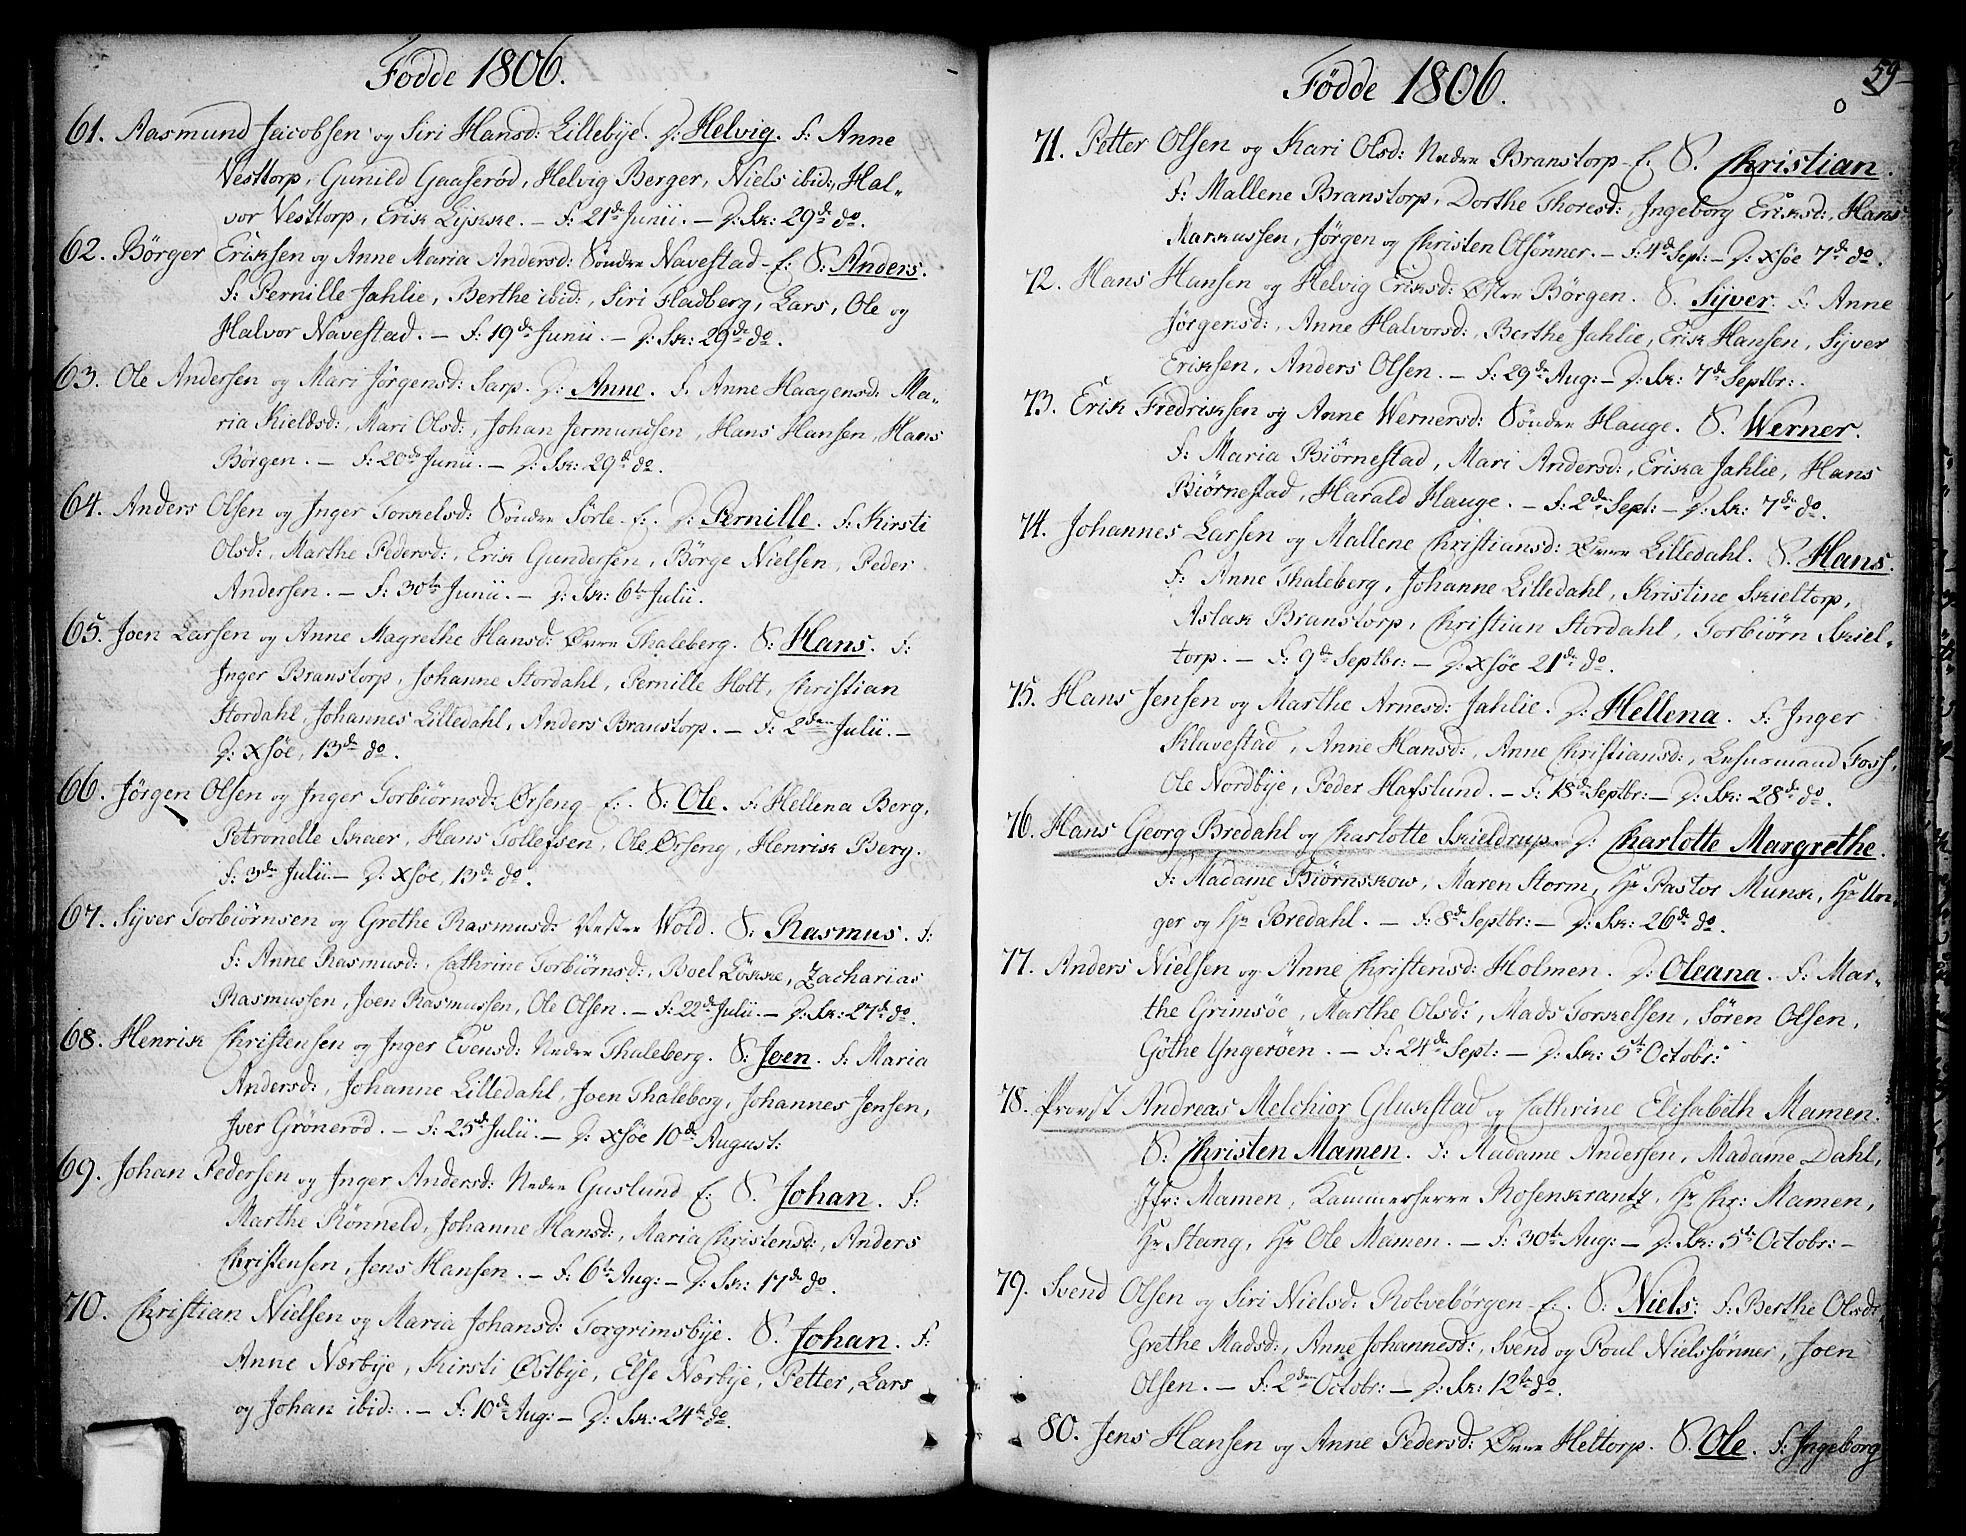 SAO, Skjeberg prestekontor Kirkebøker, F/Fa/L0003: Ministerialbok nr. I 3, 1792-1814, s. 59